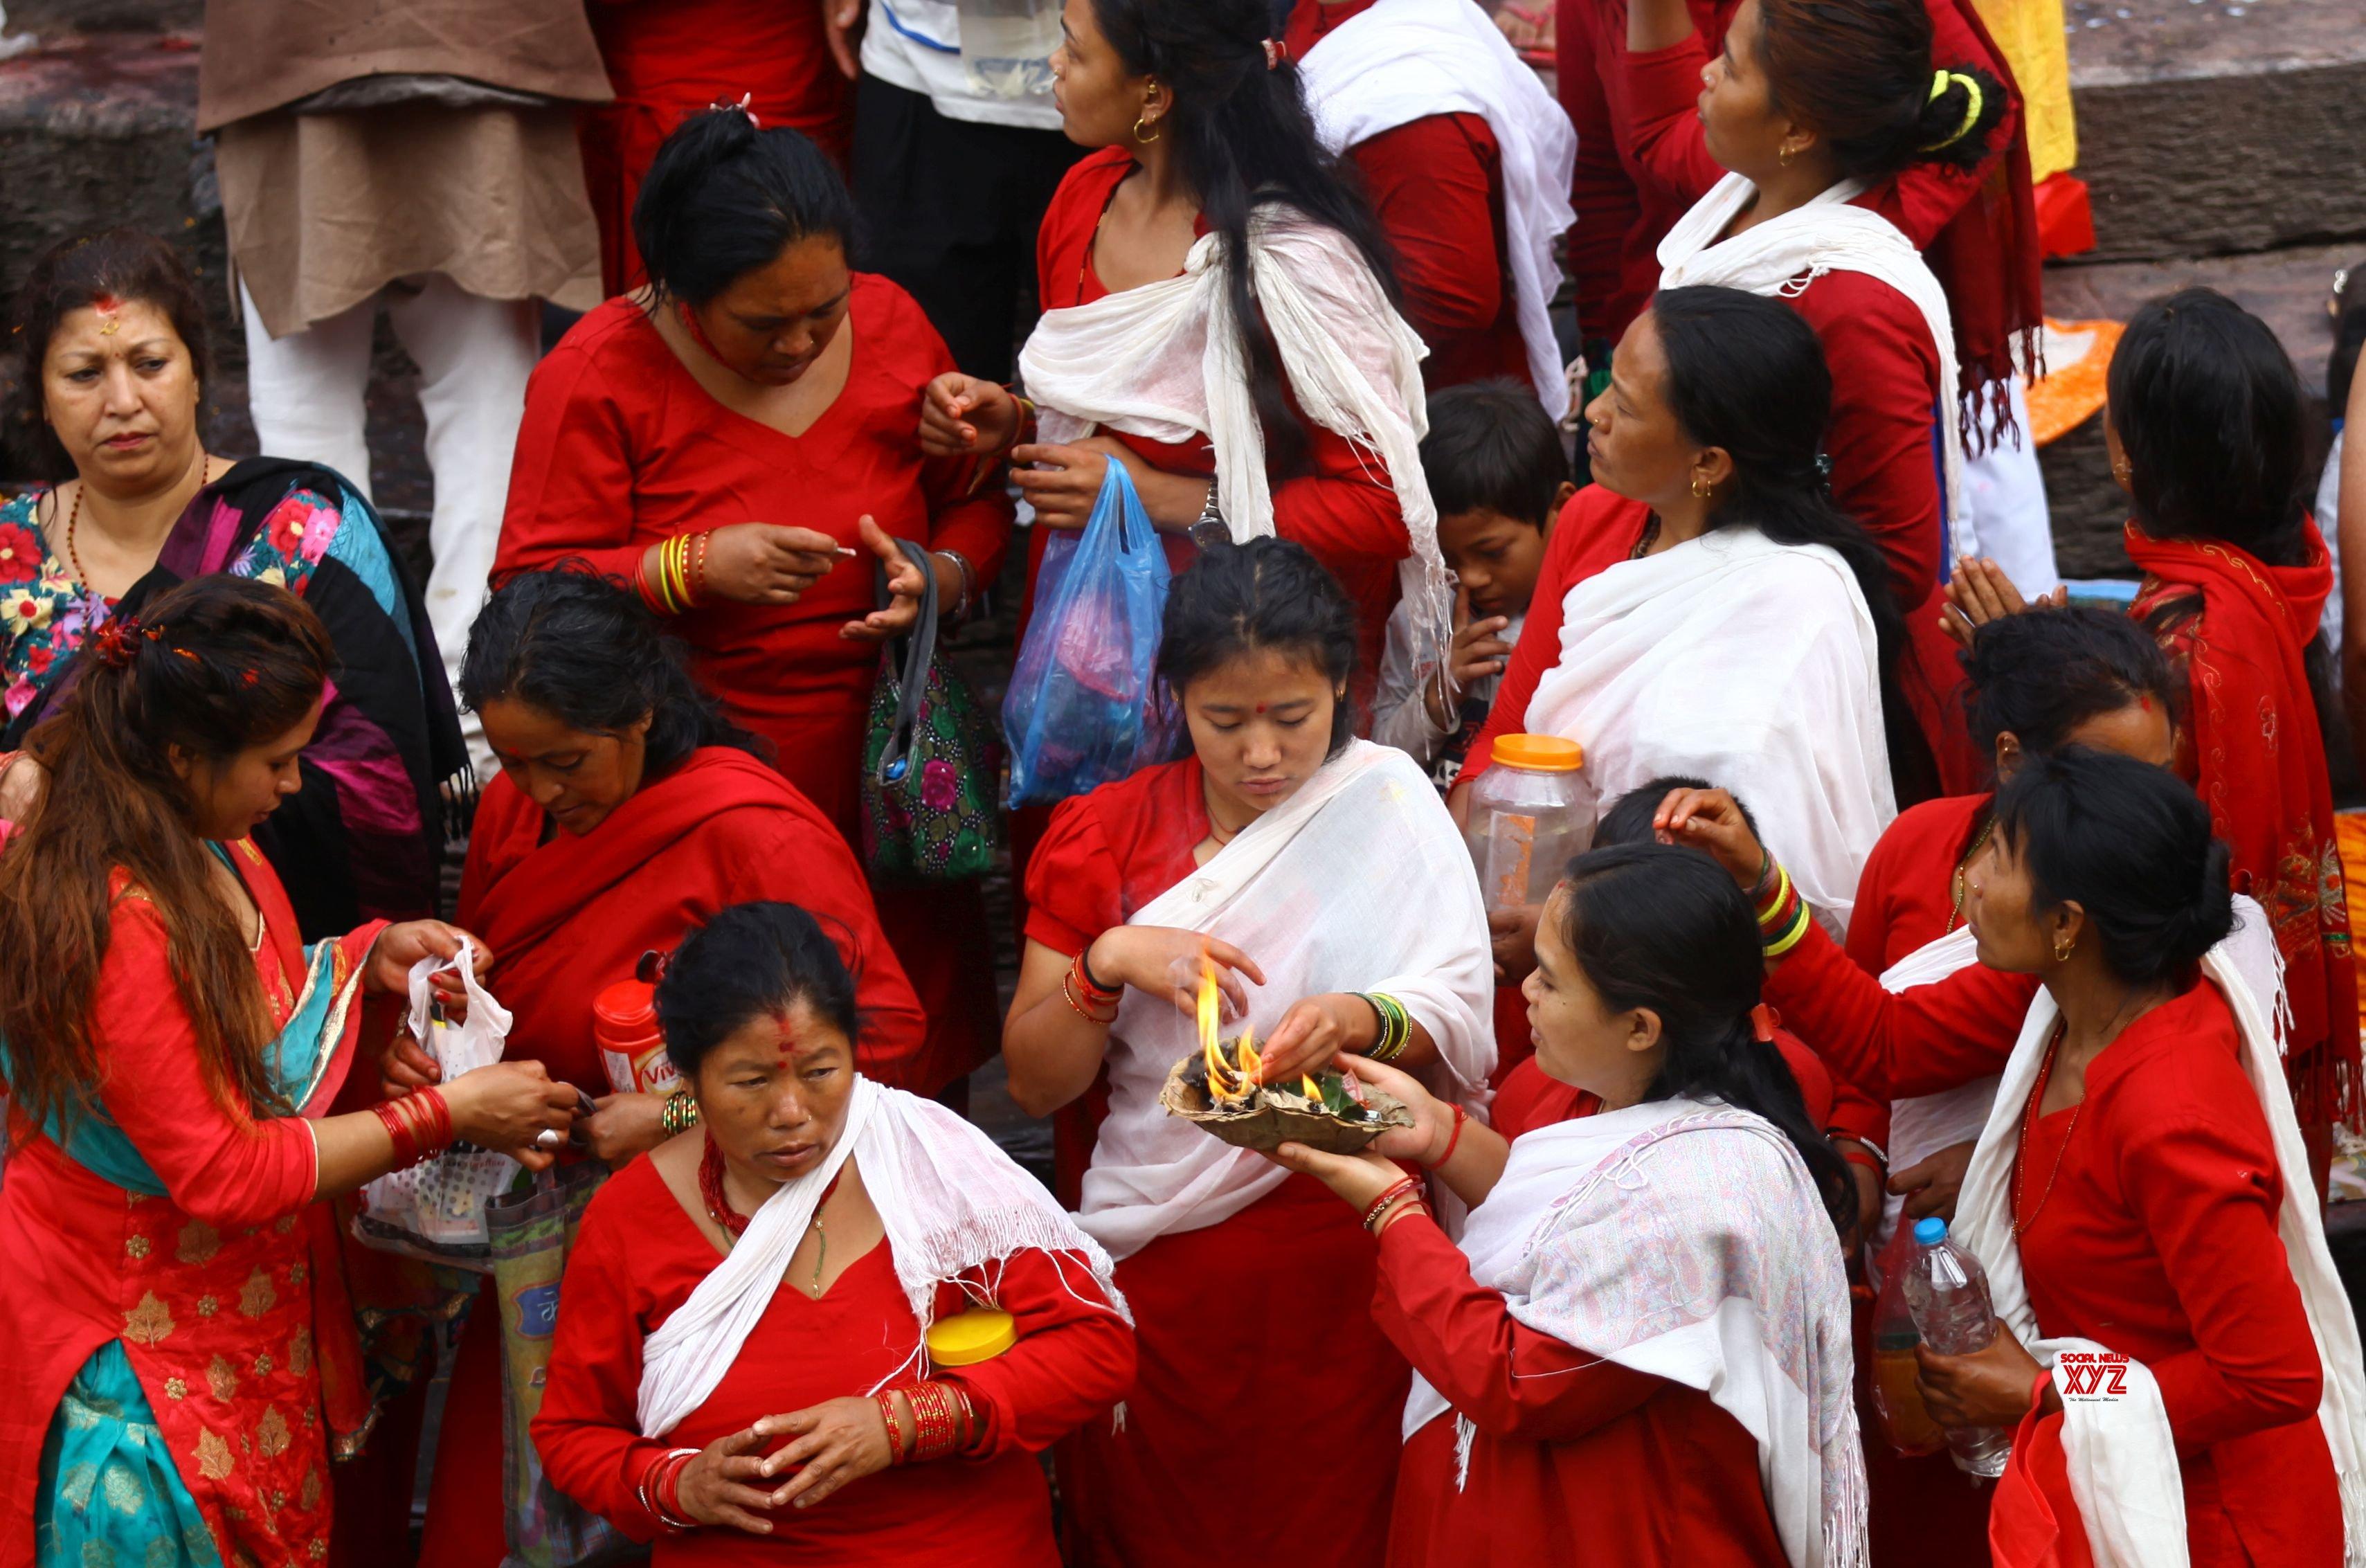 NEPAL - KATHMANDU - JANAI PURNIMA - FESTIVAL #Gallery